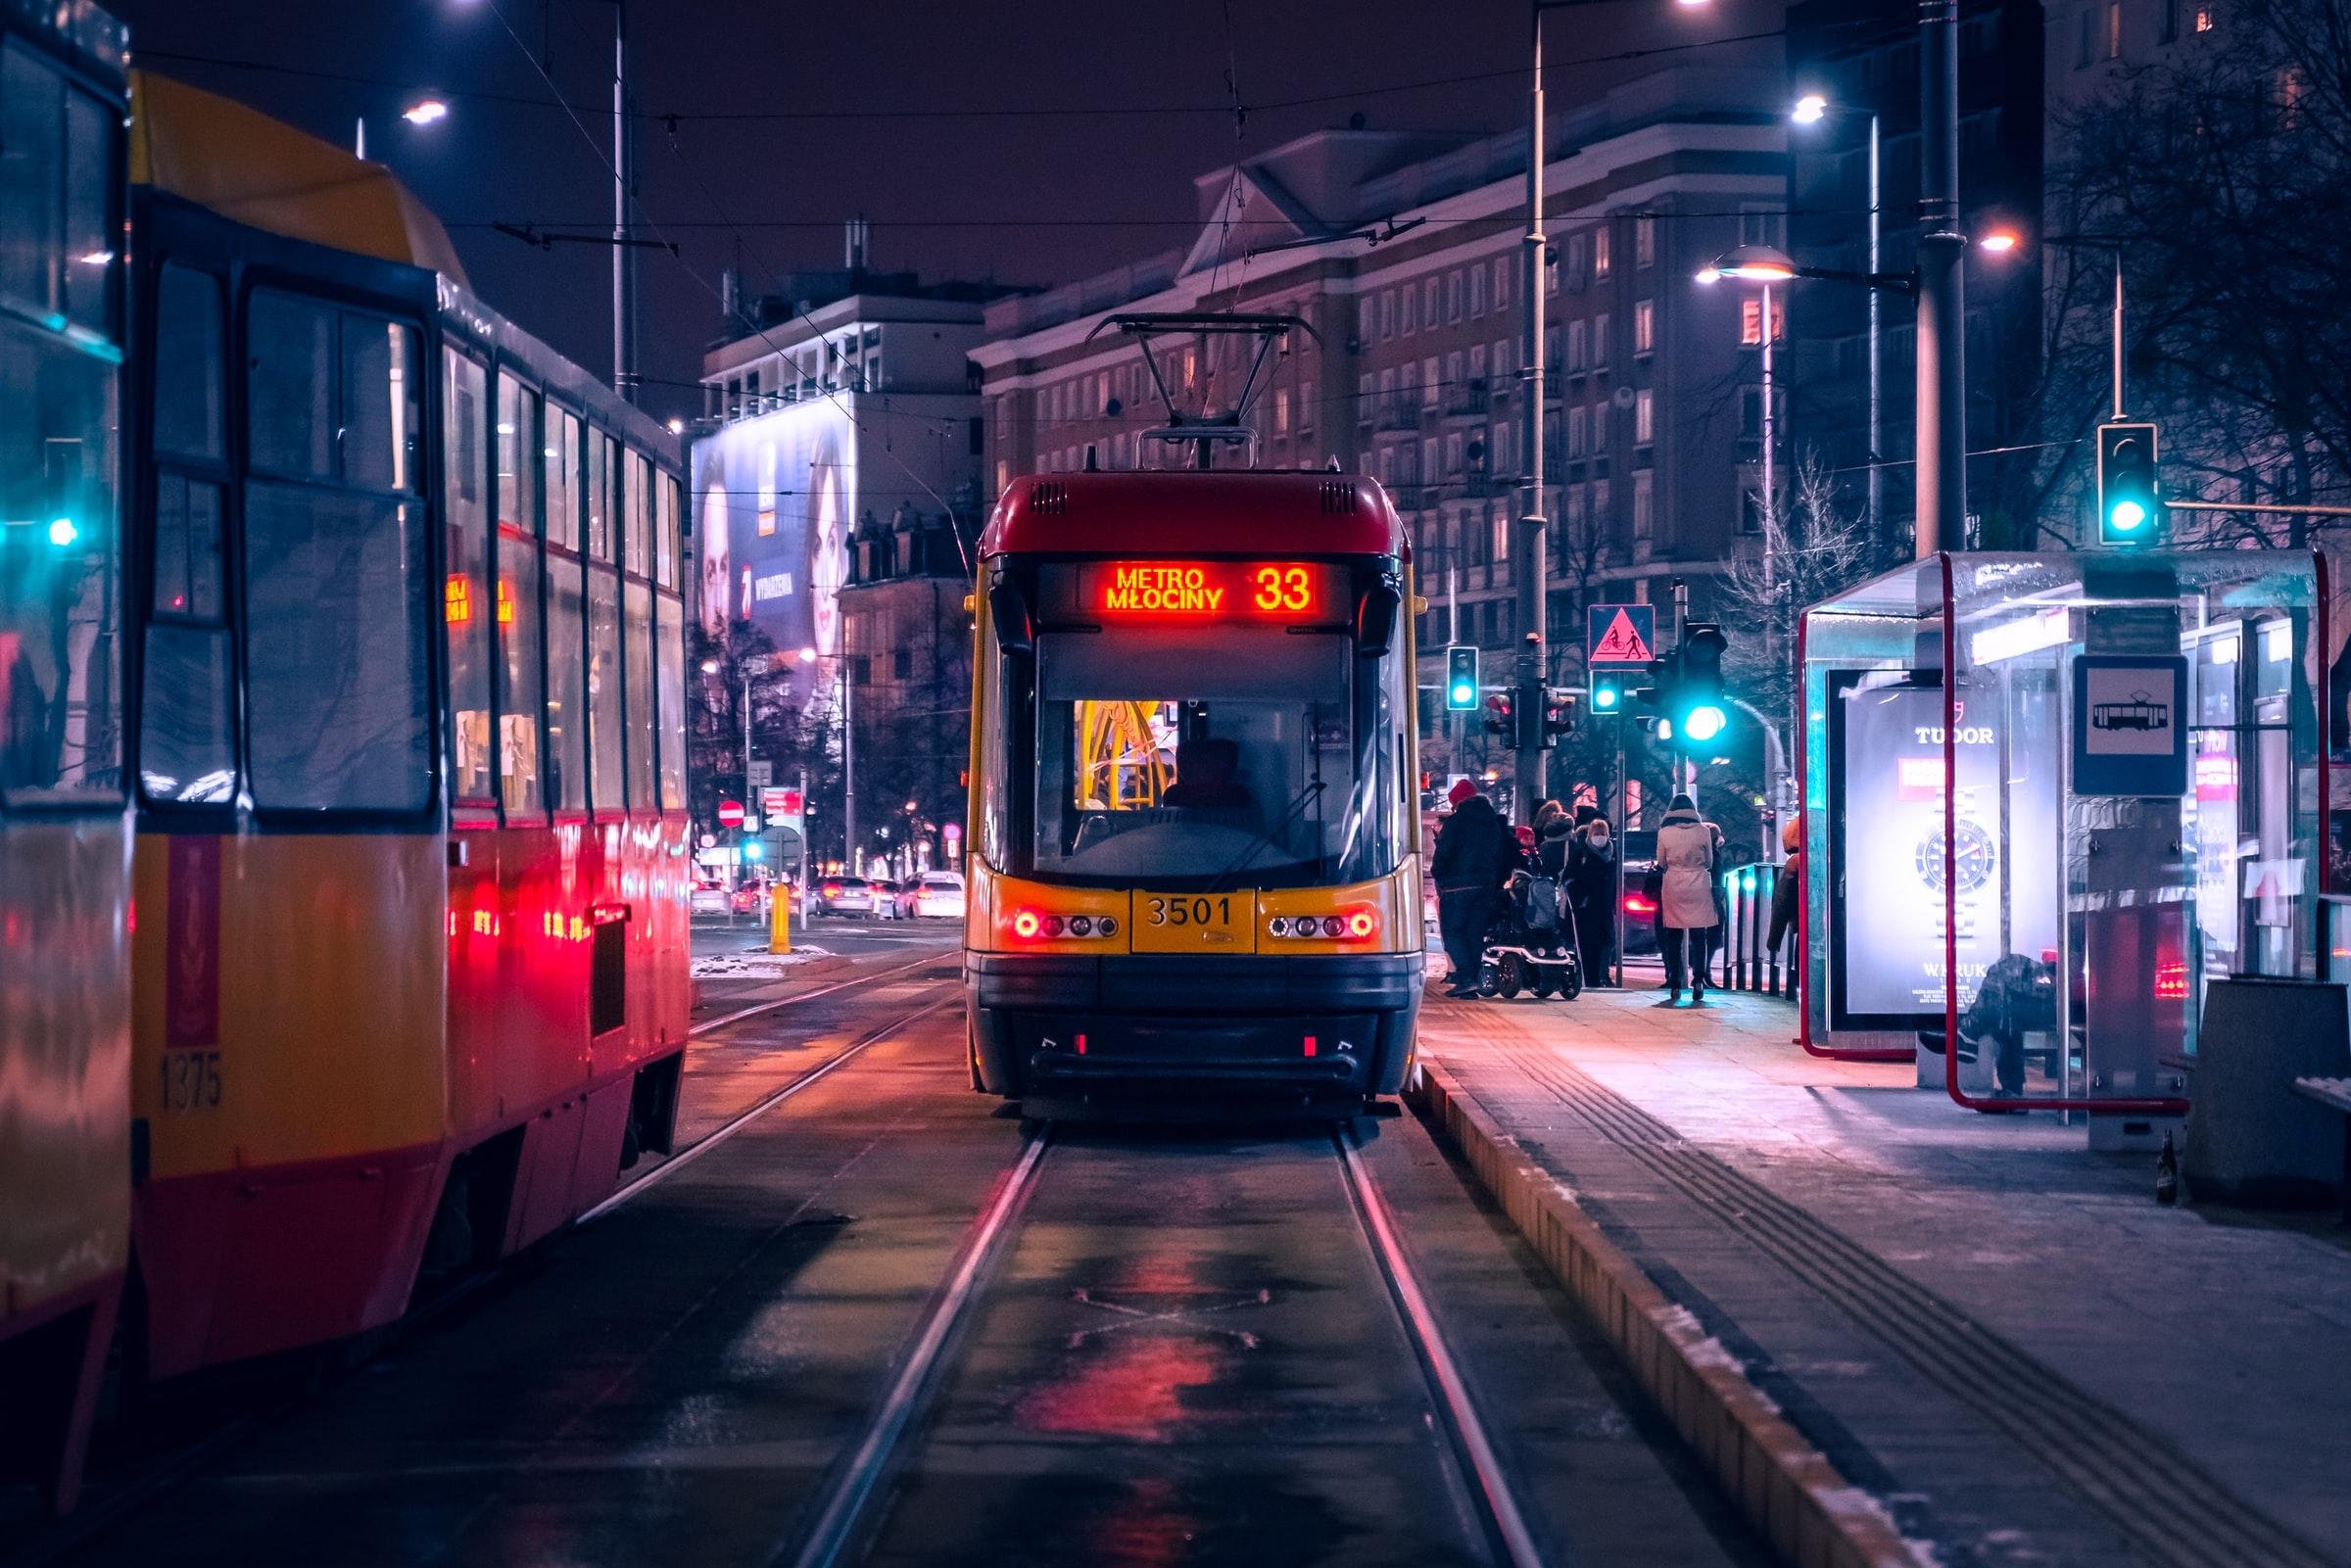 Польша открылась для украинских путешественников. Правила въезда